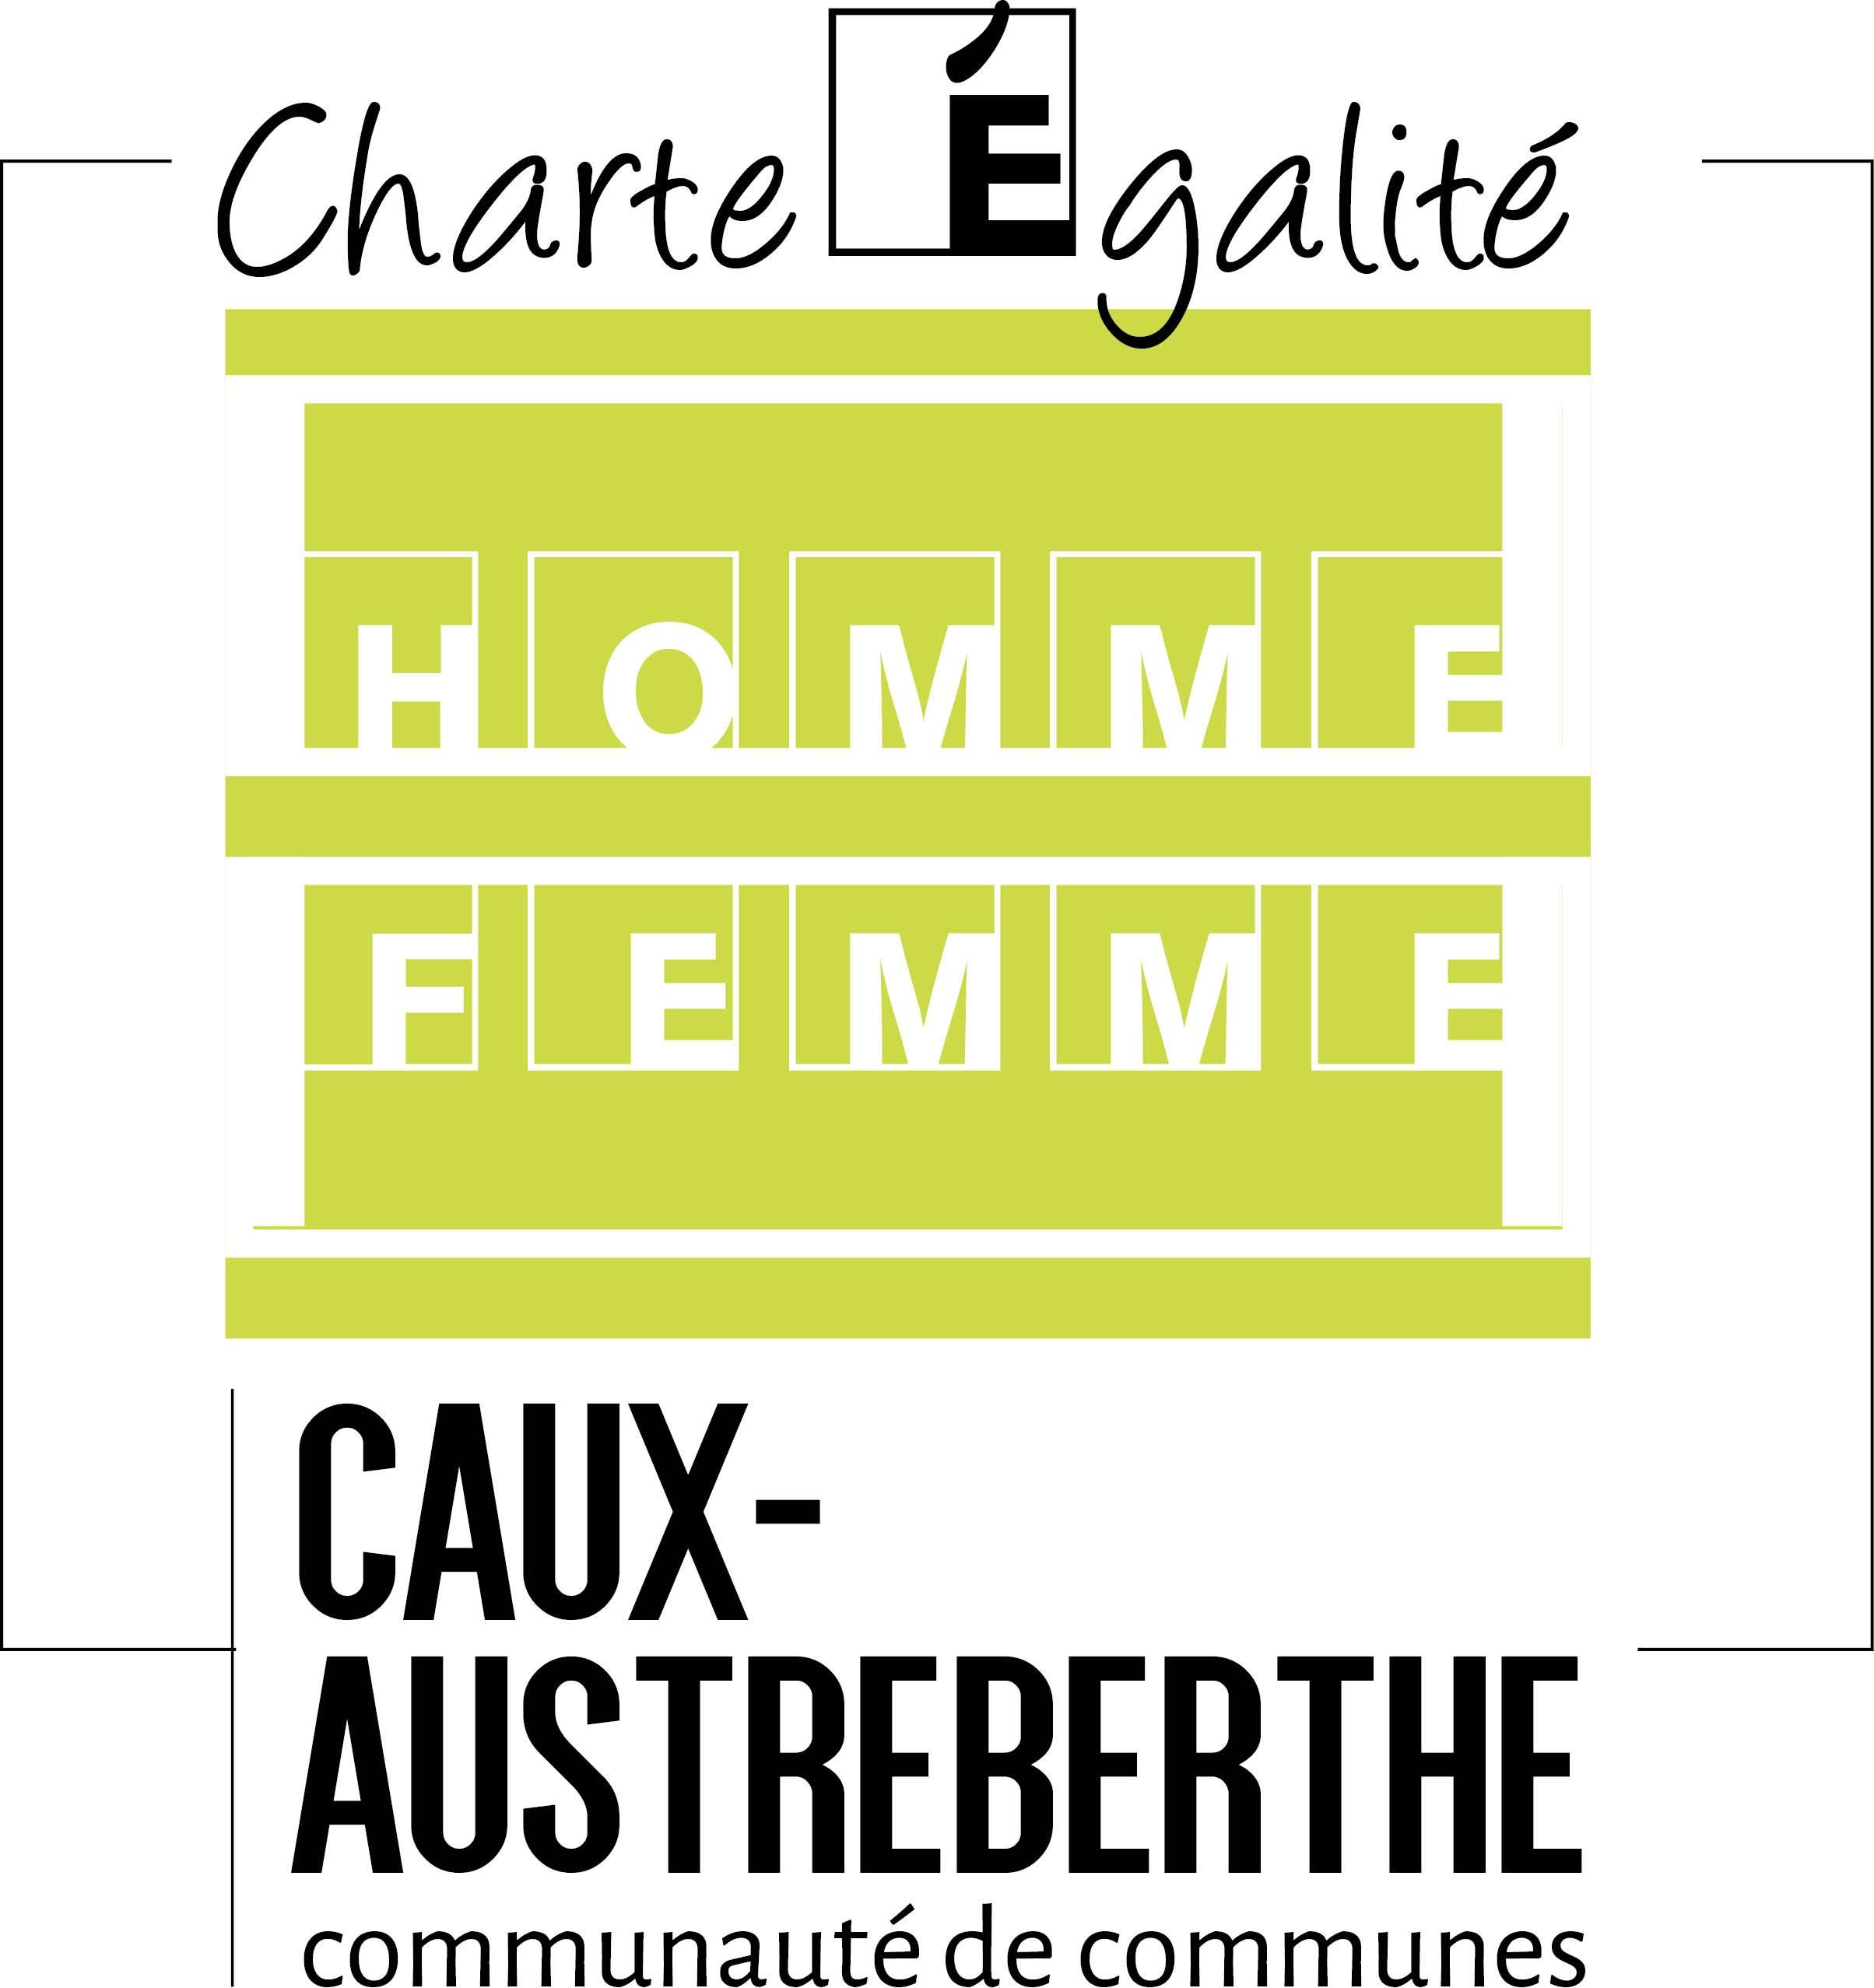 egalite-HF-Logo-CCCA